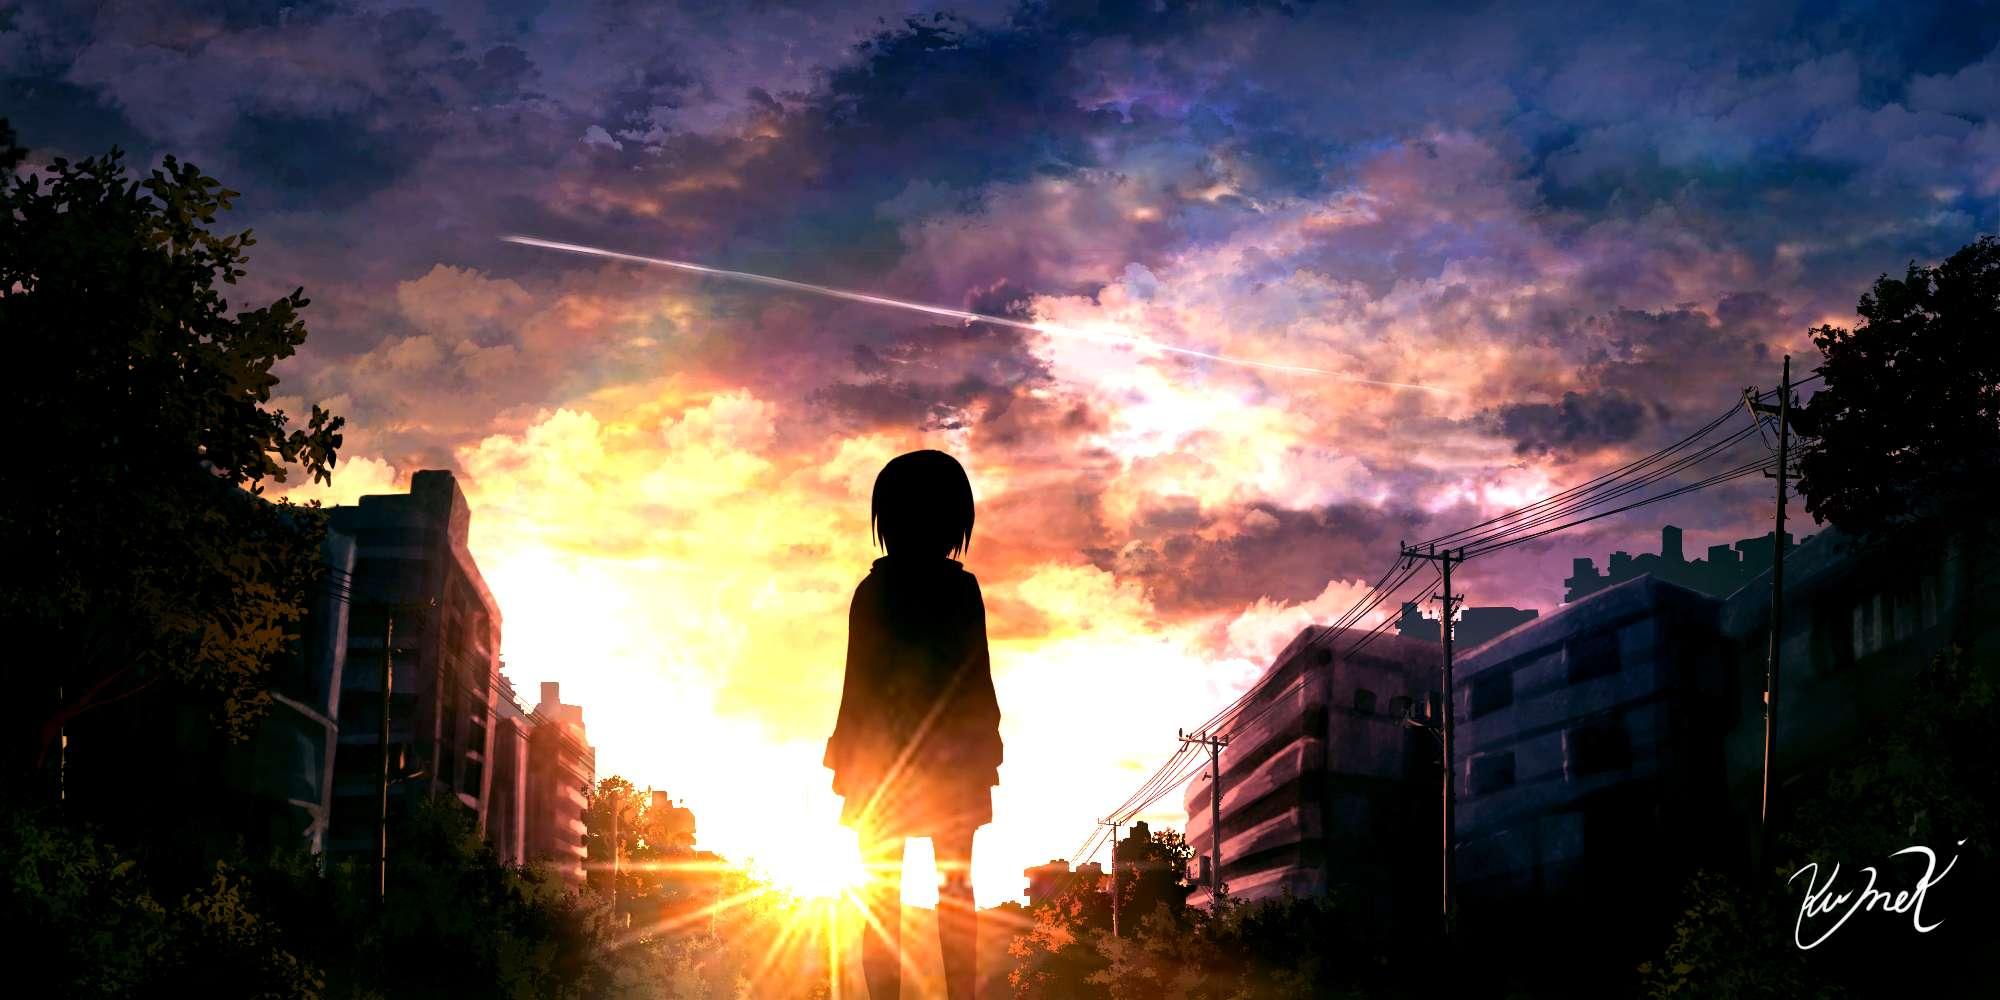 【图片】[锦鲤]夕阳-小柚妹站